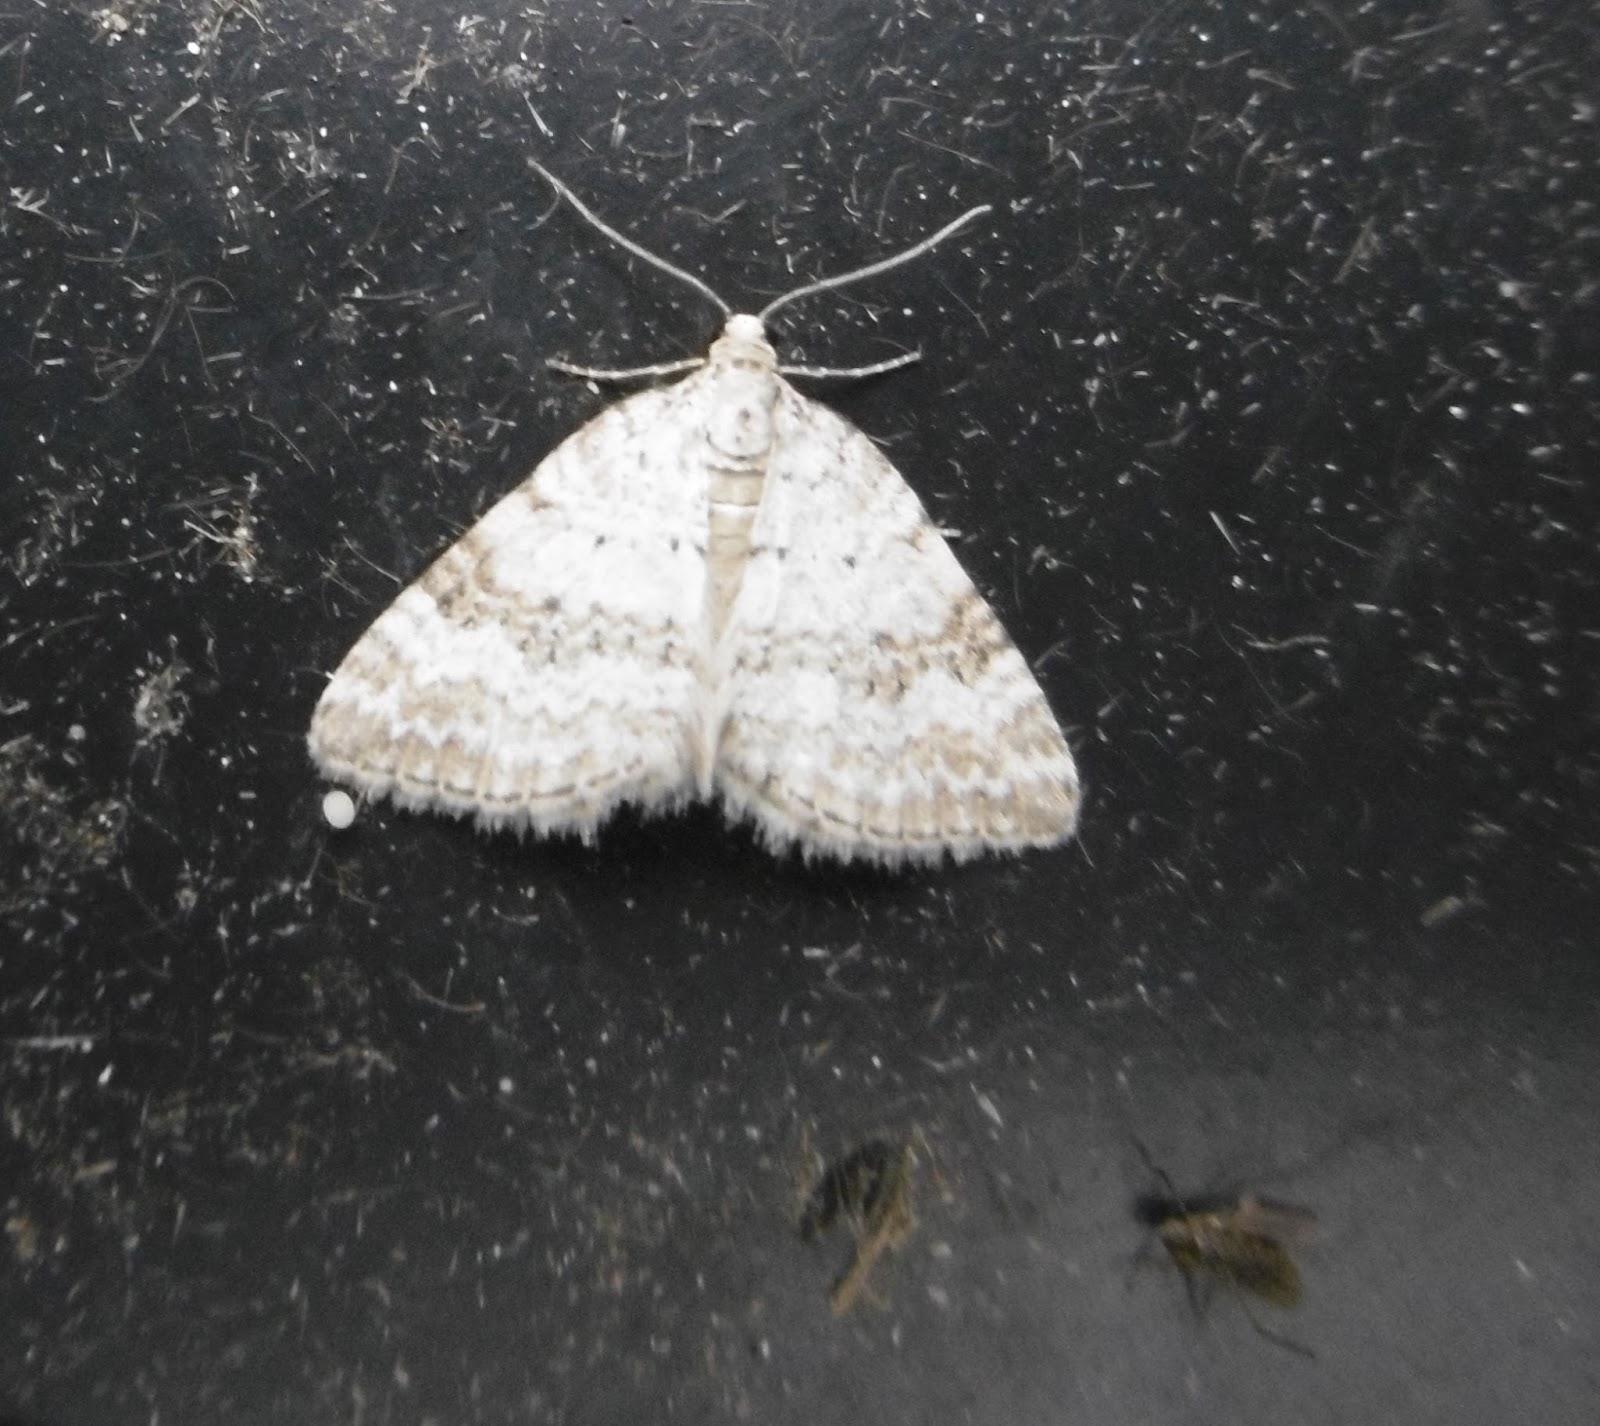 Martin's Moths: Cats online